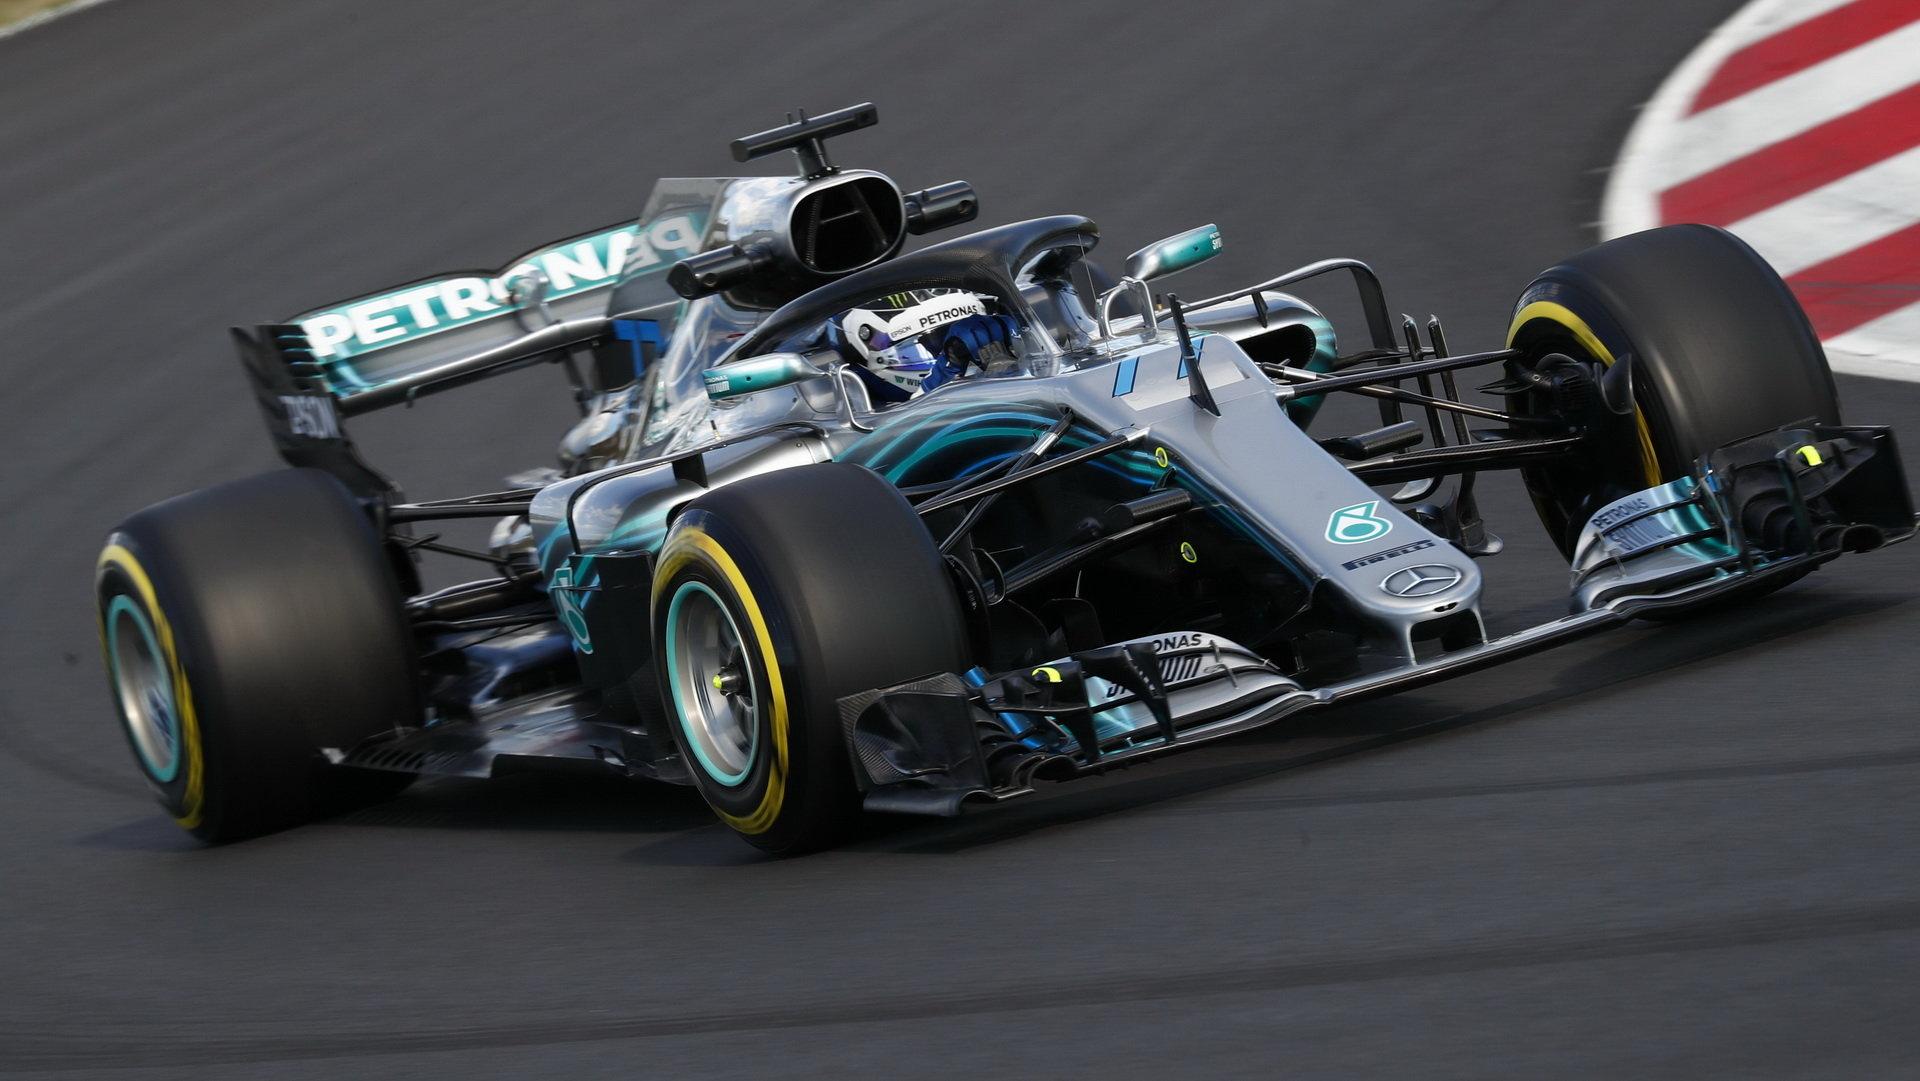 Valtteri Bottas vnímal, jak se auto v rychlých zatáčkách vlivem vyššího přítlaku a rychlosti kroutí